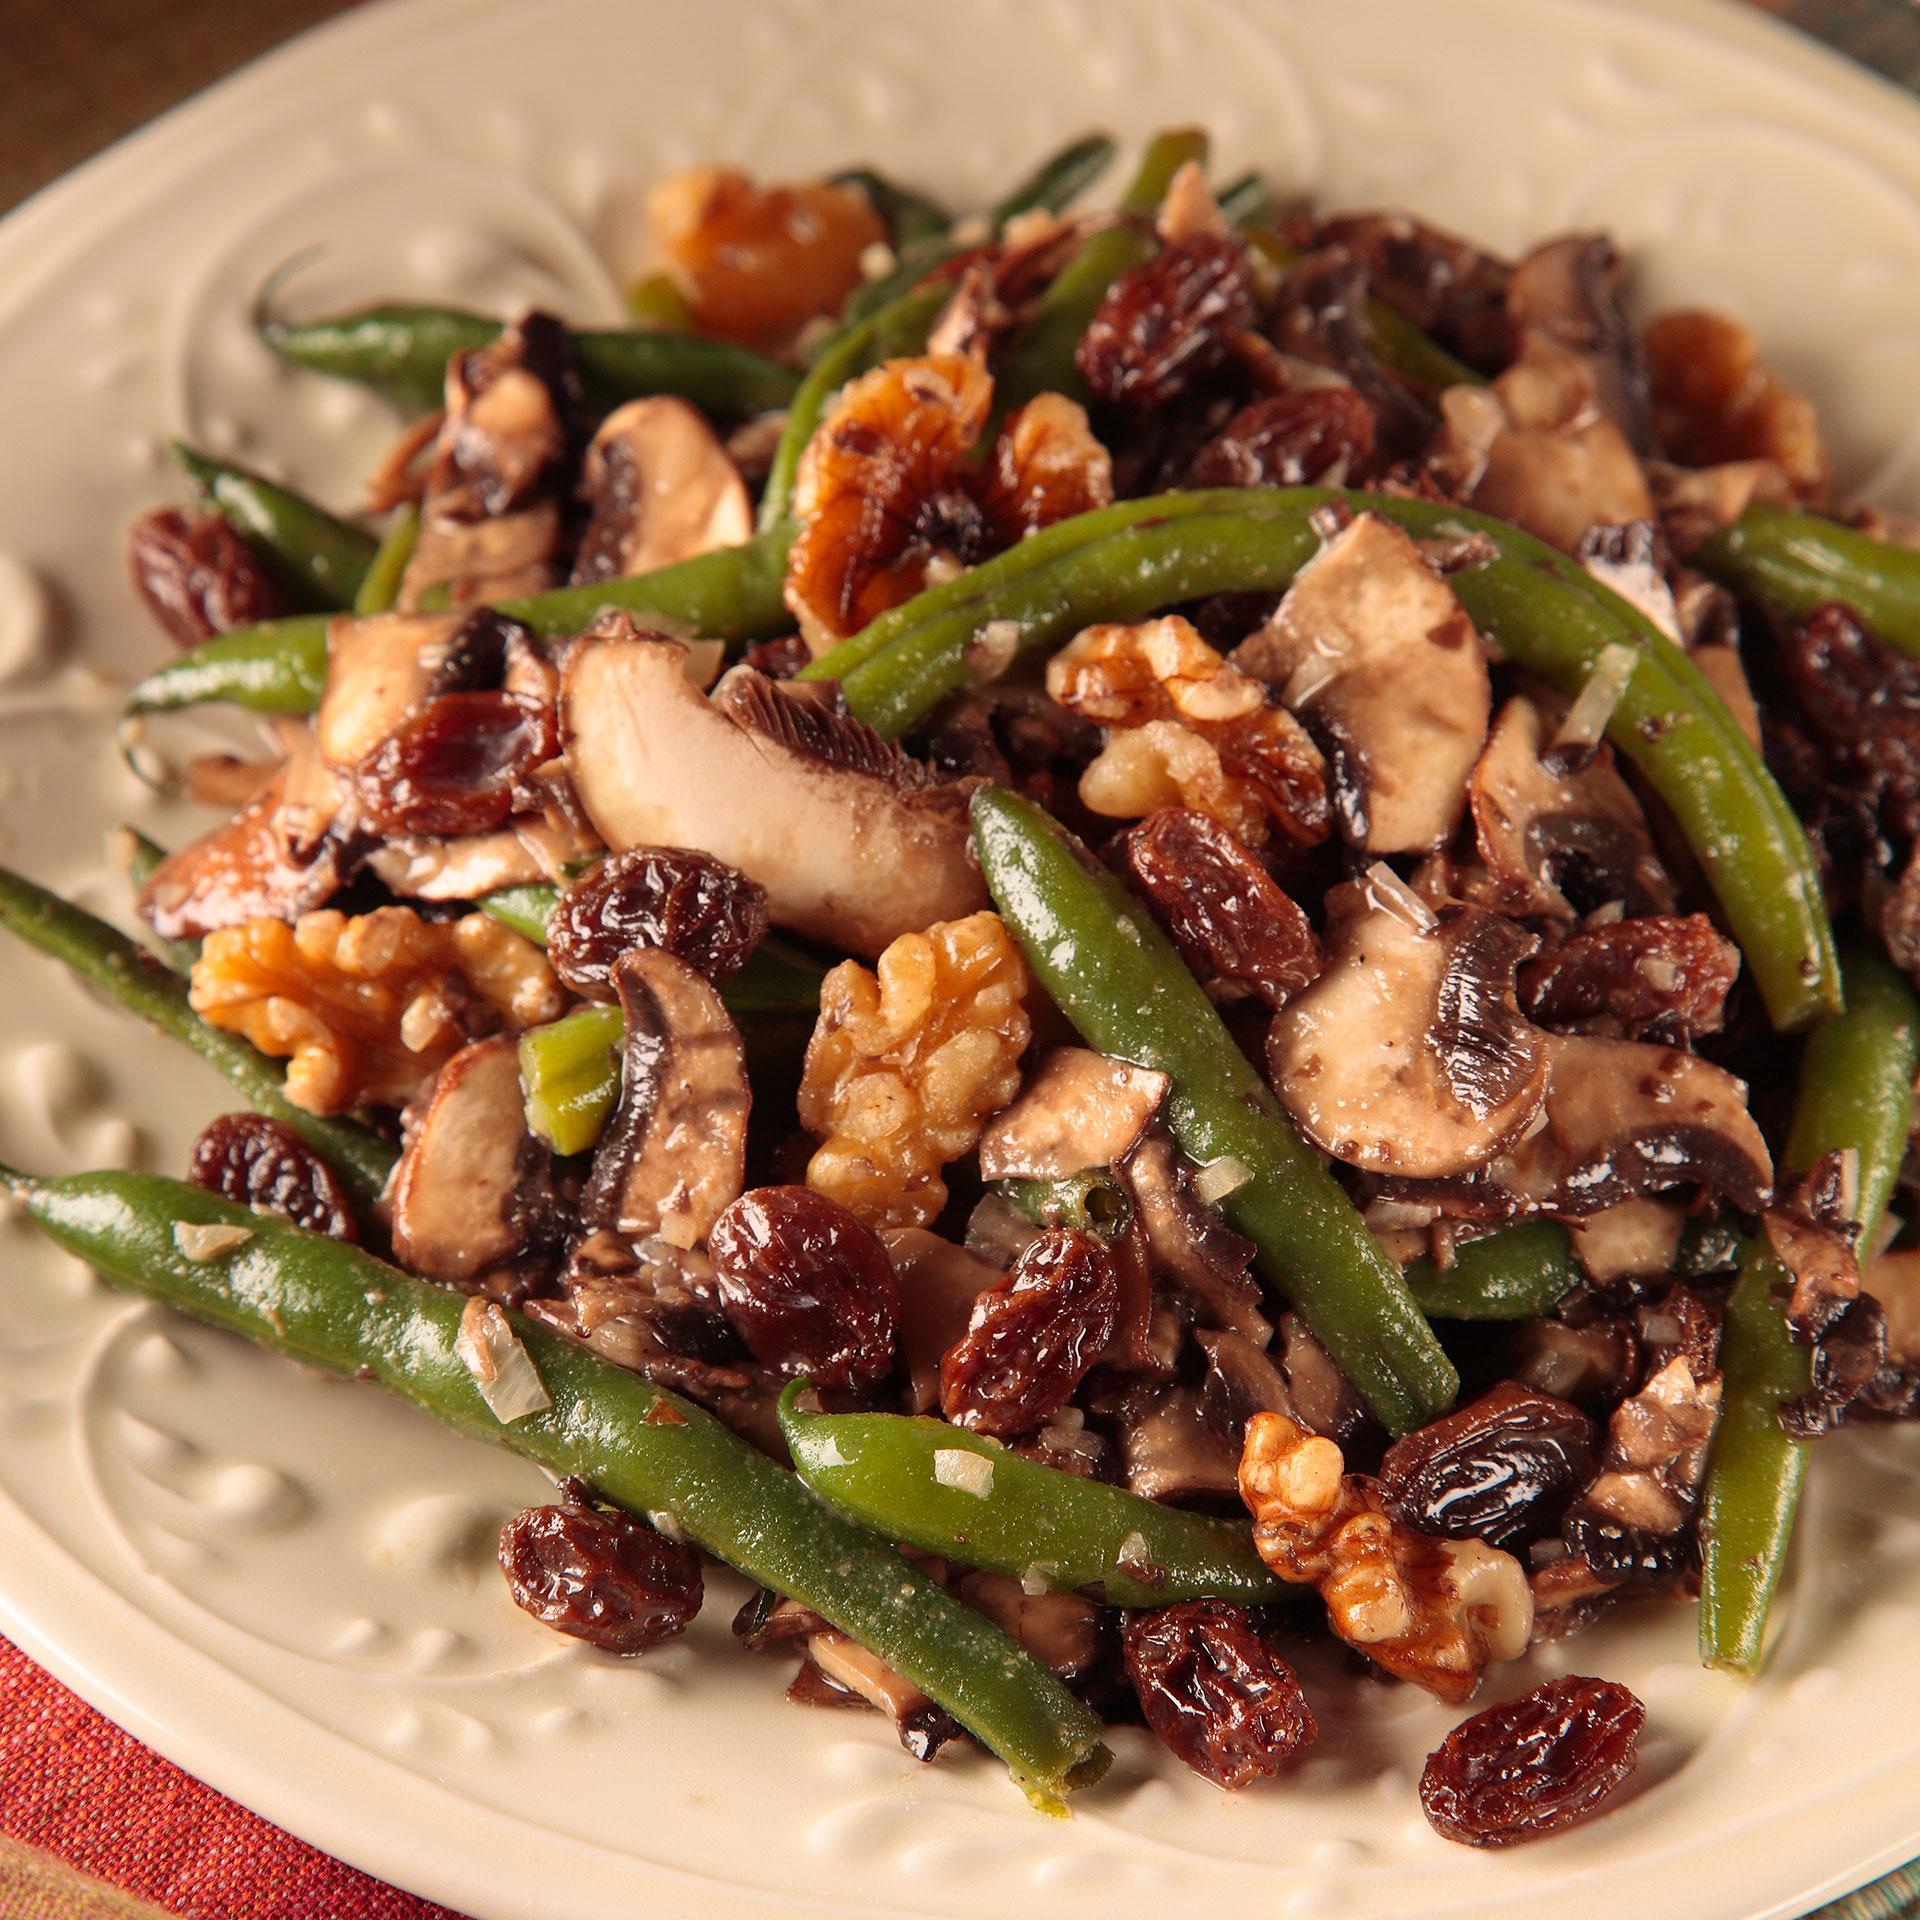 California Raisins herbstlich leichte Kost: Low-Fat-Salate mit Biss